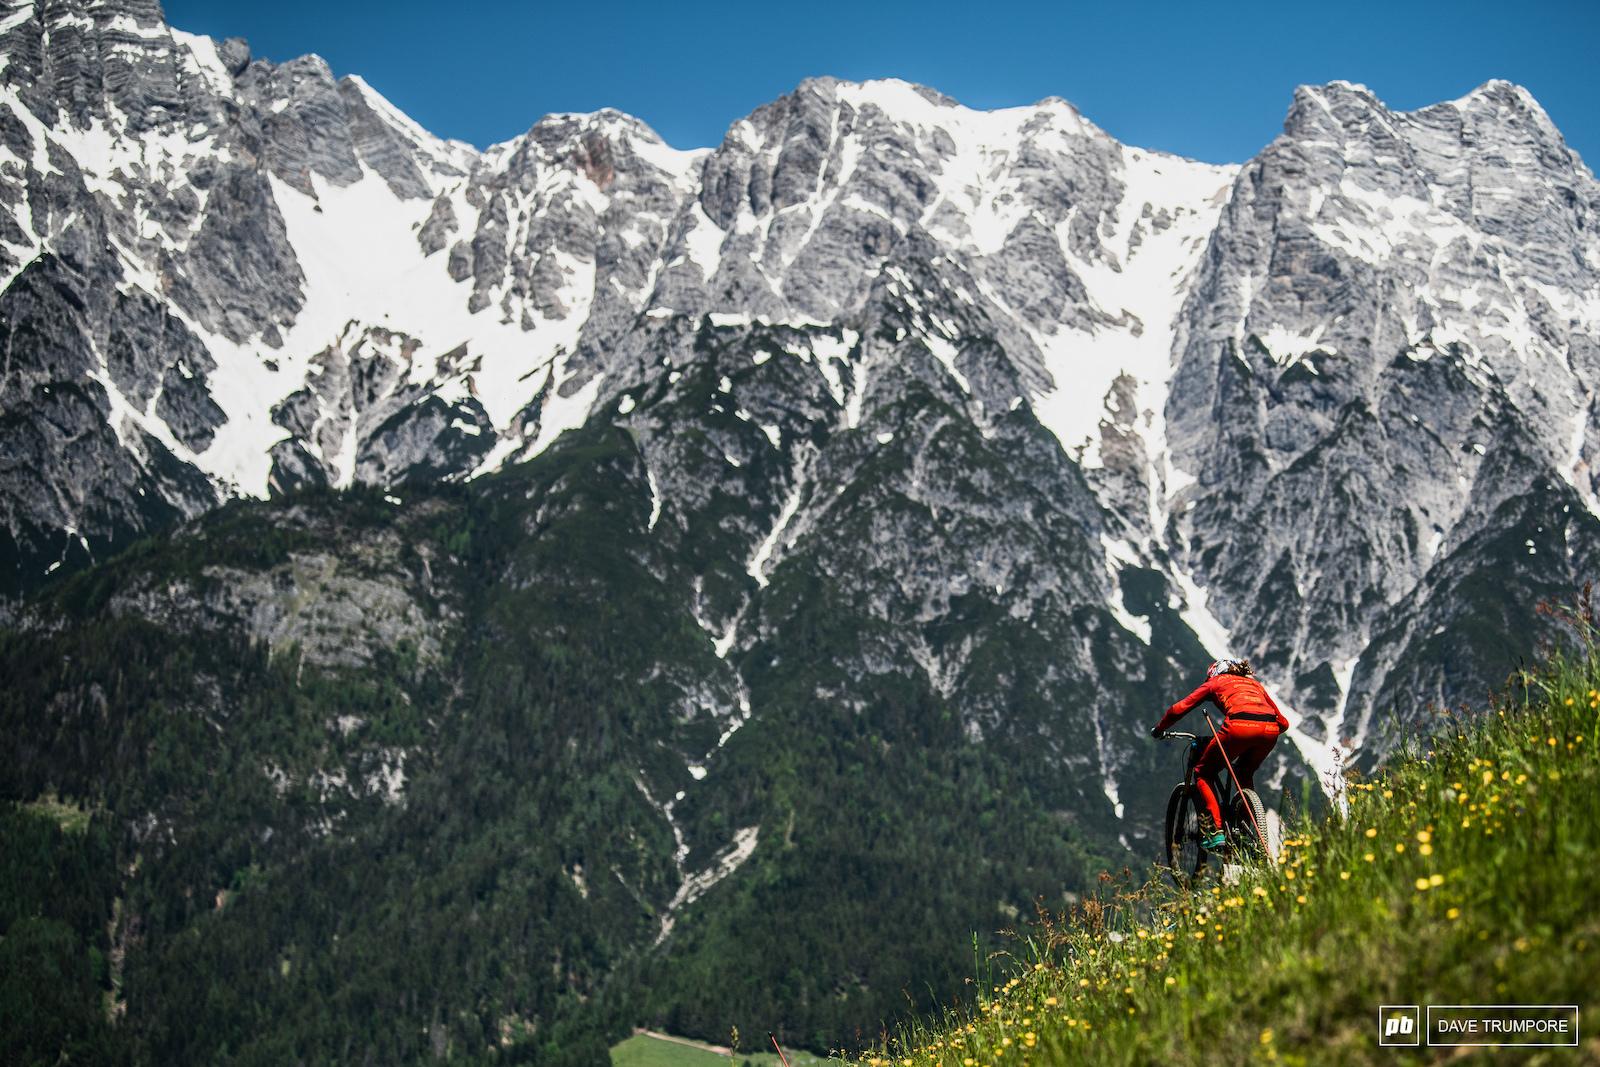 A big mountain and a small Rachel Atherton.